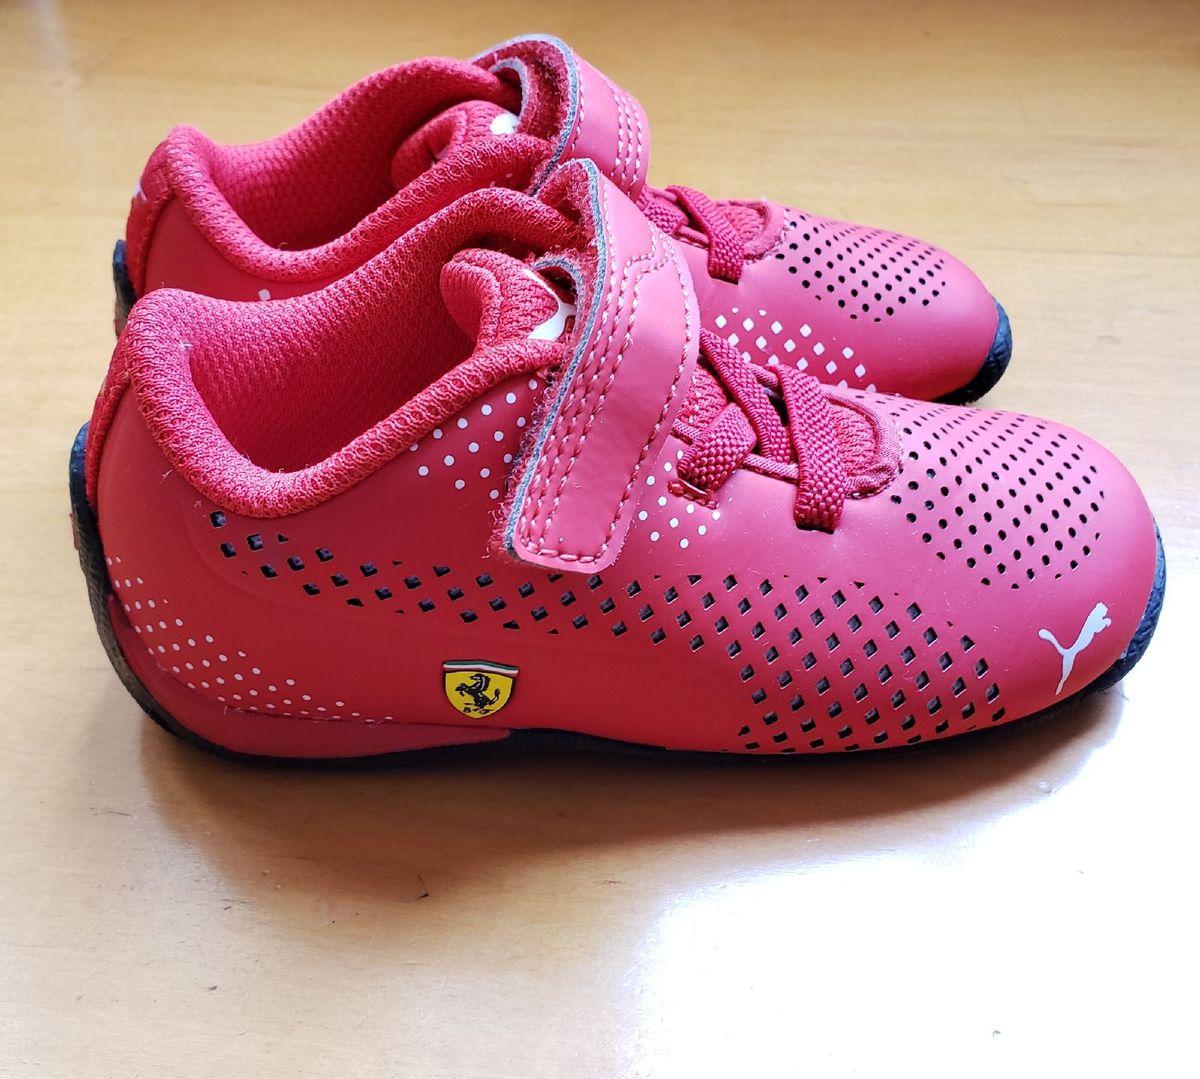 Sapato Infantil Puma Ferrari Calcado Infantil Para Meninos Puma Usado 38164241 Enjoei